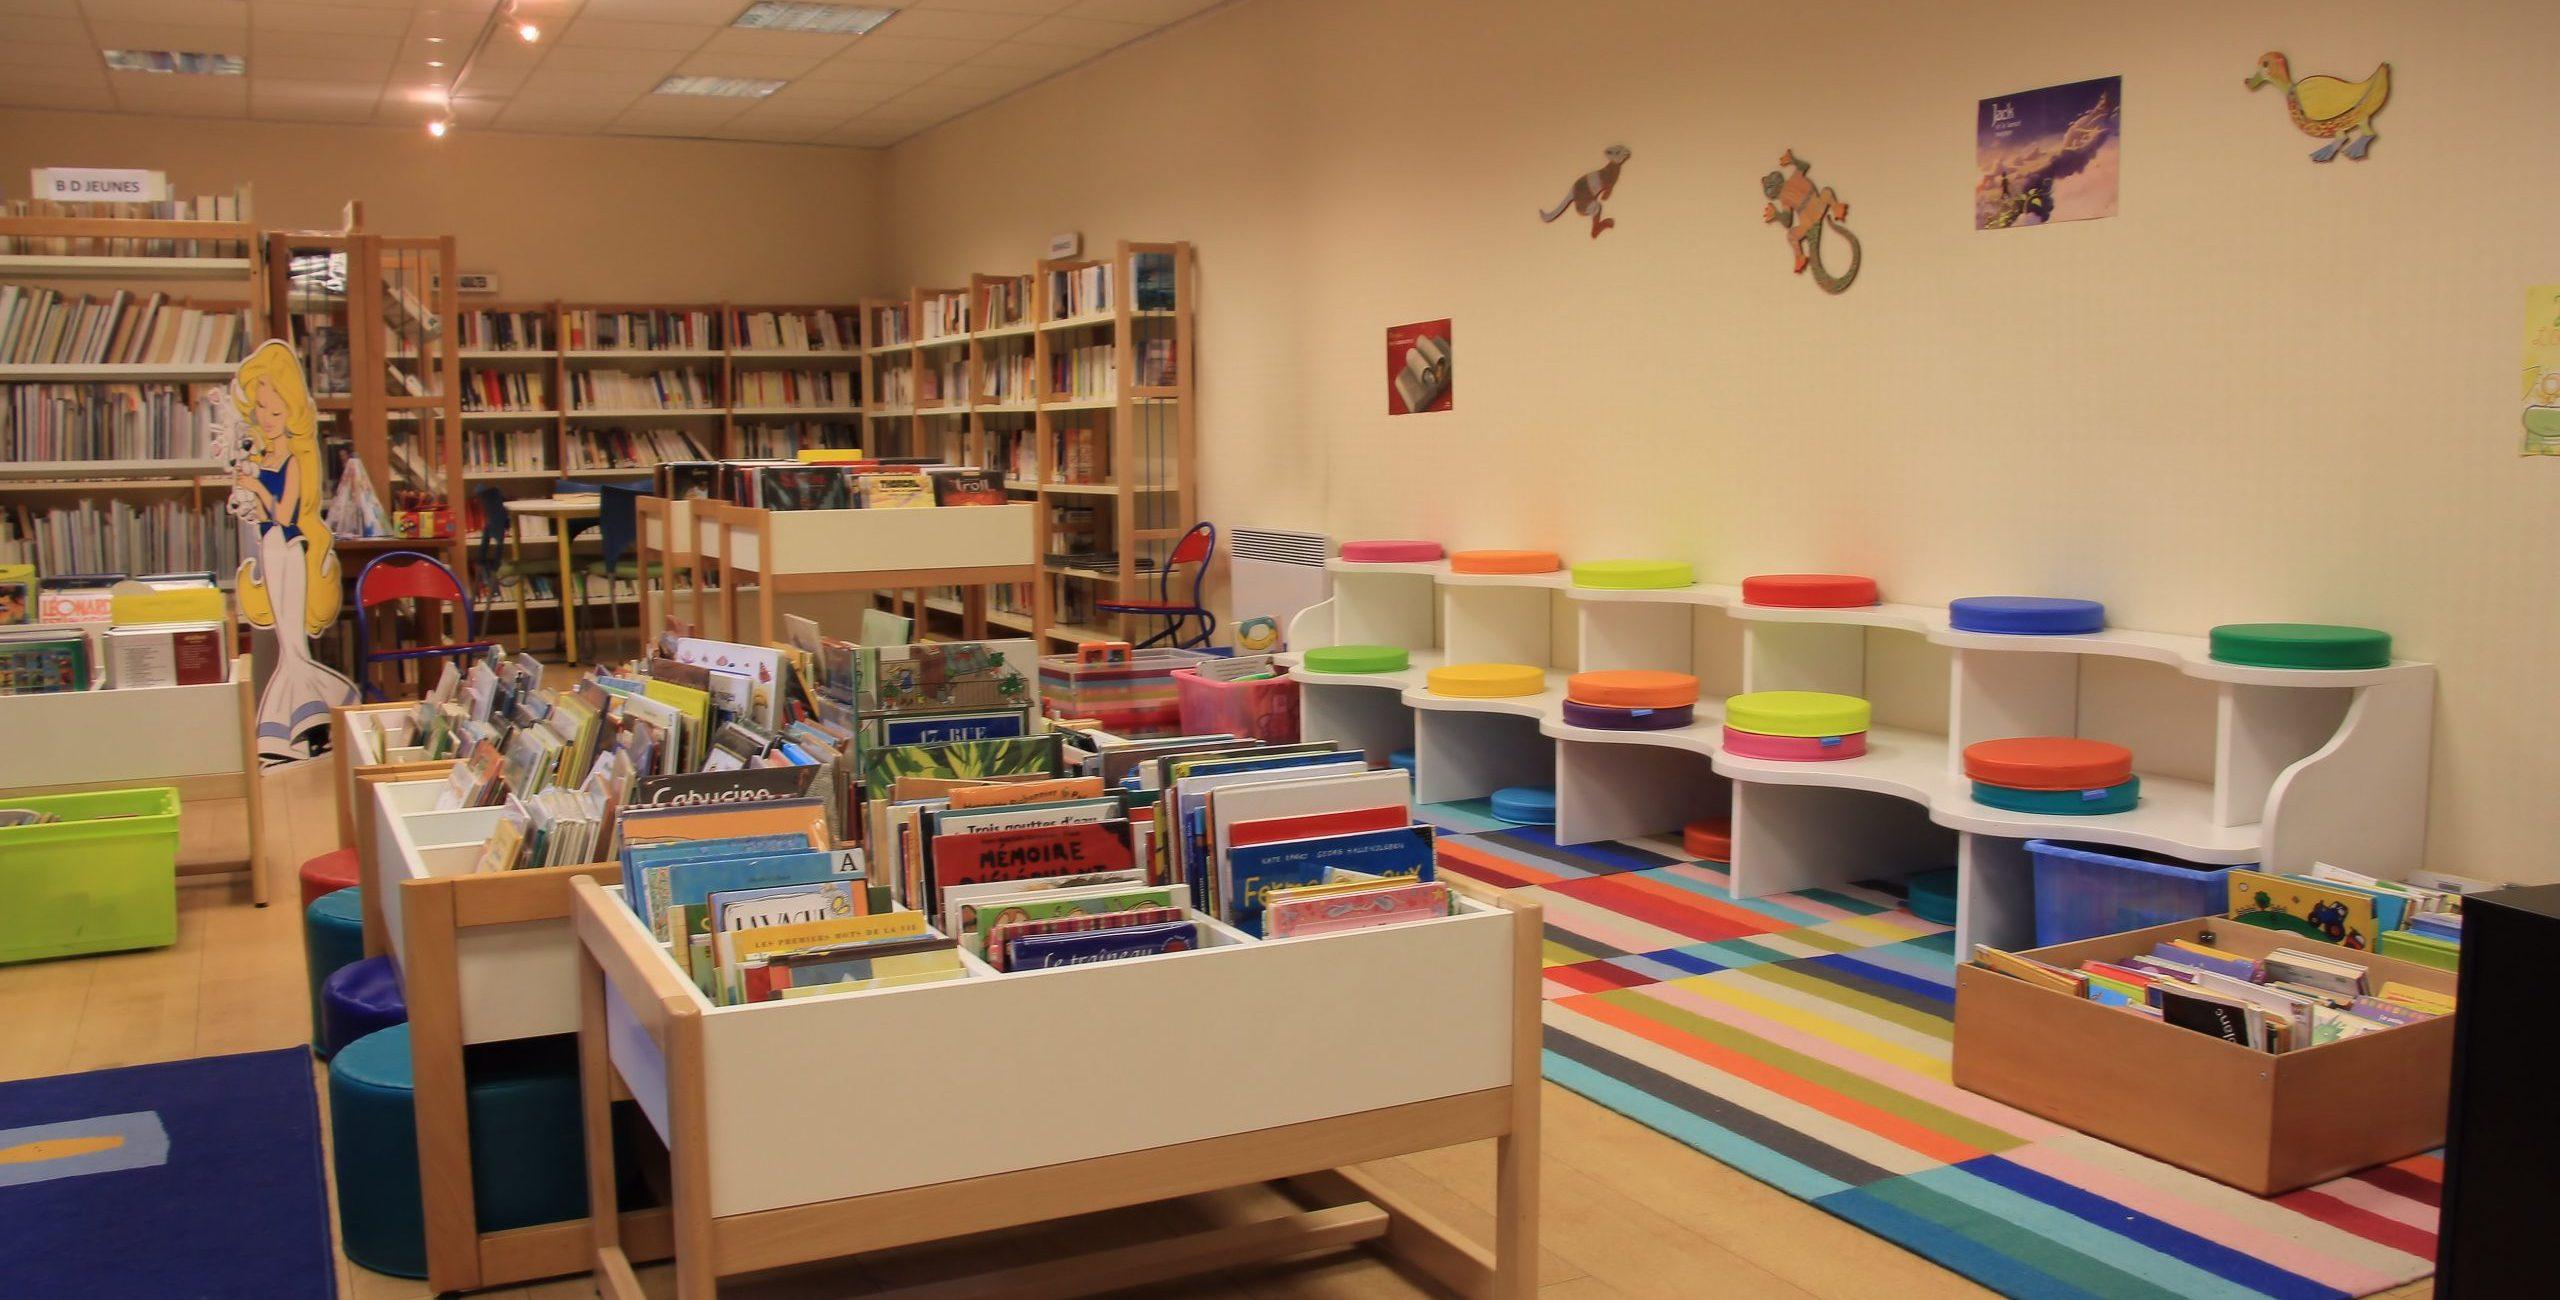 Mairie_Chateauneuf_d_ille_et_vilaine_Saint_Malo_santé_bibliotheque